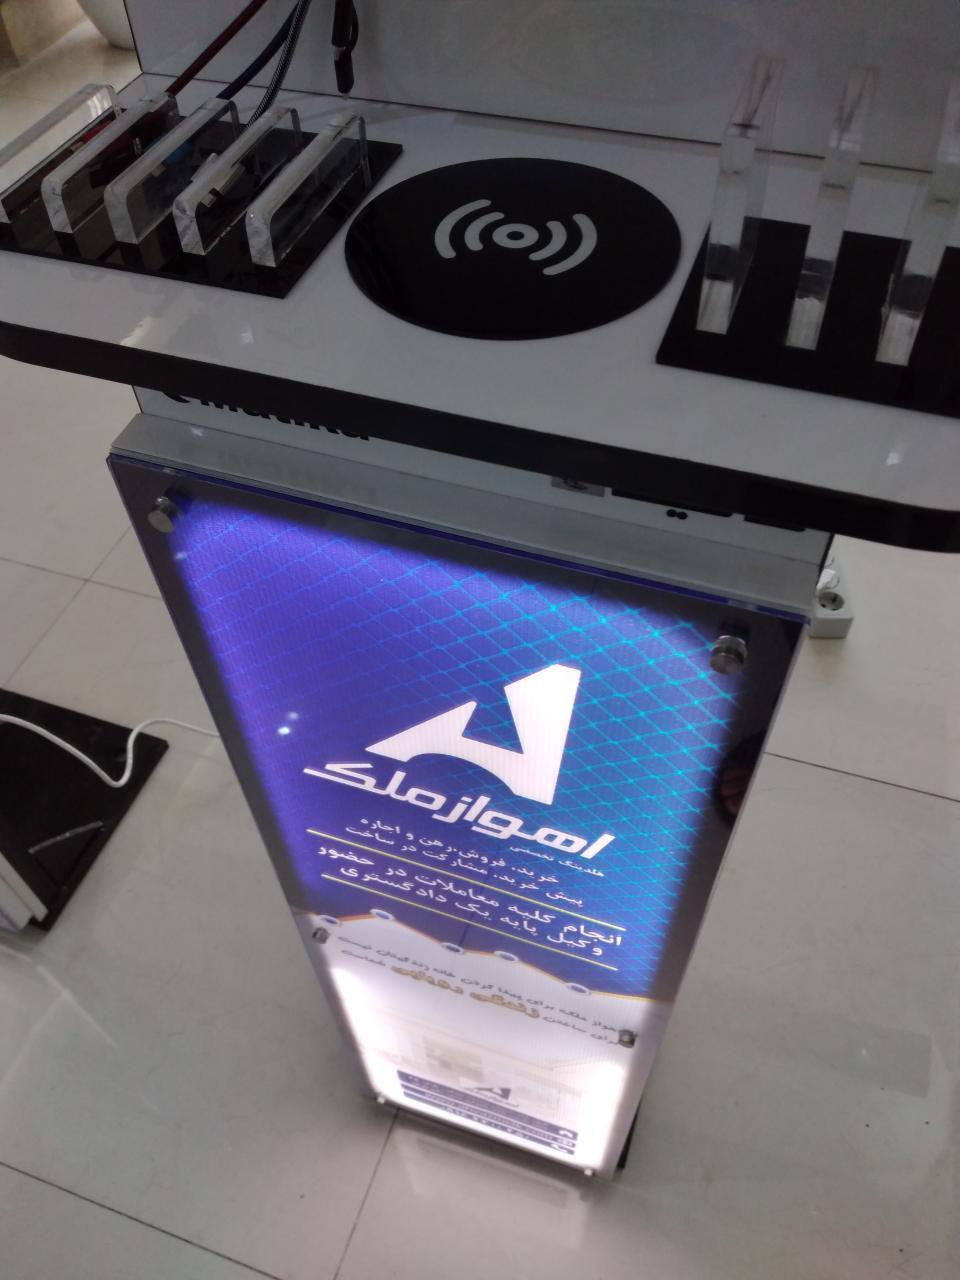 استند شارژر موبایل مدل TWIIP-LW پایه دار با ظاهری زیبا و کیفیت مناسب دارای قابلیت شارژ فست همزمان ۸ گوشی موبایل و تبلت از انواع مختلف و یک شارژر وایرلس روکار می باشد که باتوجه به ابعاد آن ۲۲×۱۳۲×۴۲ سانتی متر امکان قرار گیری و نصب روی زمین در هر نقطه ای را دارد و امکان نصب لوگو برند روی دستگاه وجود دارد و همچنین دارای فضای تبلیغاتیCM ۲۸×9۰ به صورت لایت باکس در روی پایه ها می باشد، موبایلها در دوحالت عمودی و افقی امکان قرارگیری روی دستگاه را دارند. دستگاه دارای محافظ ولتاژ و پریزهای برق اضافی در پشت دستگاه می باشد، دستگاه دارای اسکلت فلزی و وزنی حدود ۲۰ کیلوگرم برخوردار است و از ثبات بسیار زیادی بر روی پایه ها برخوردار است.